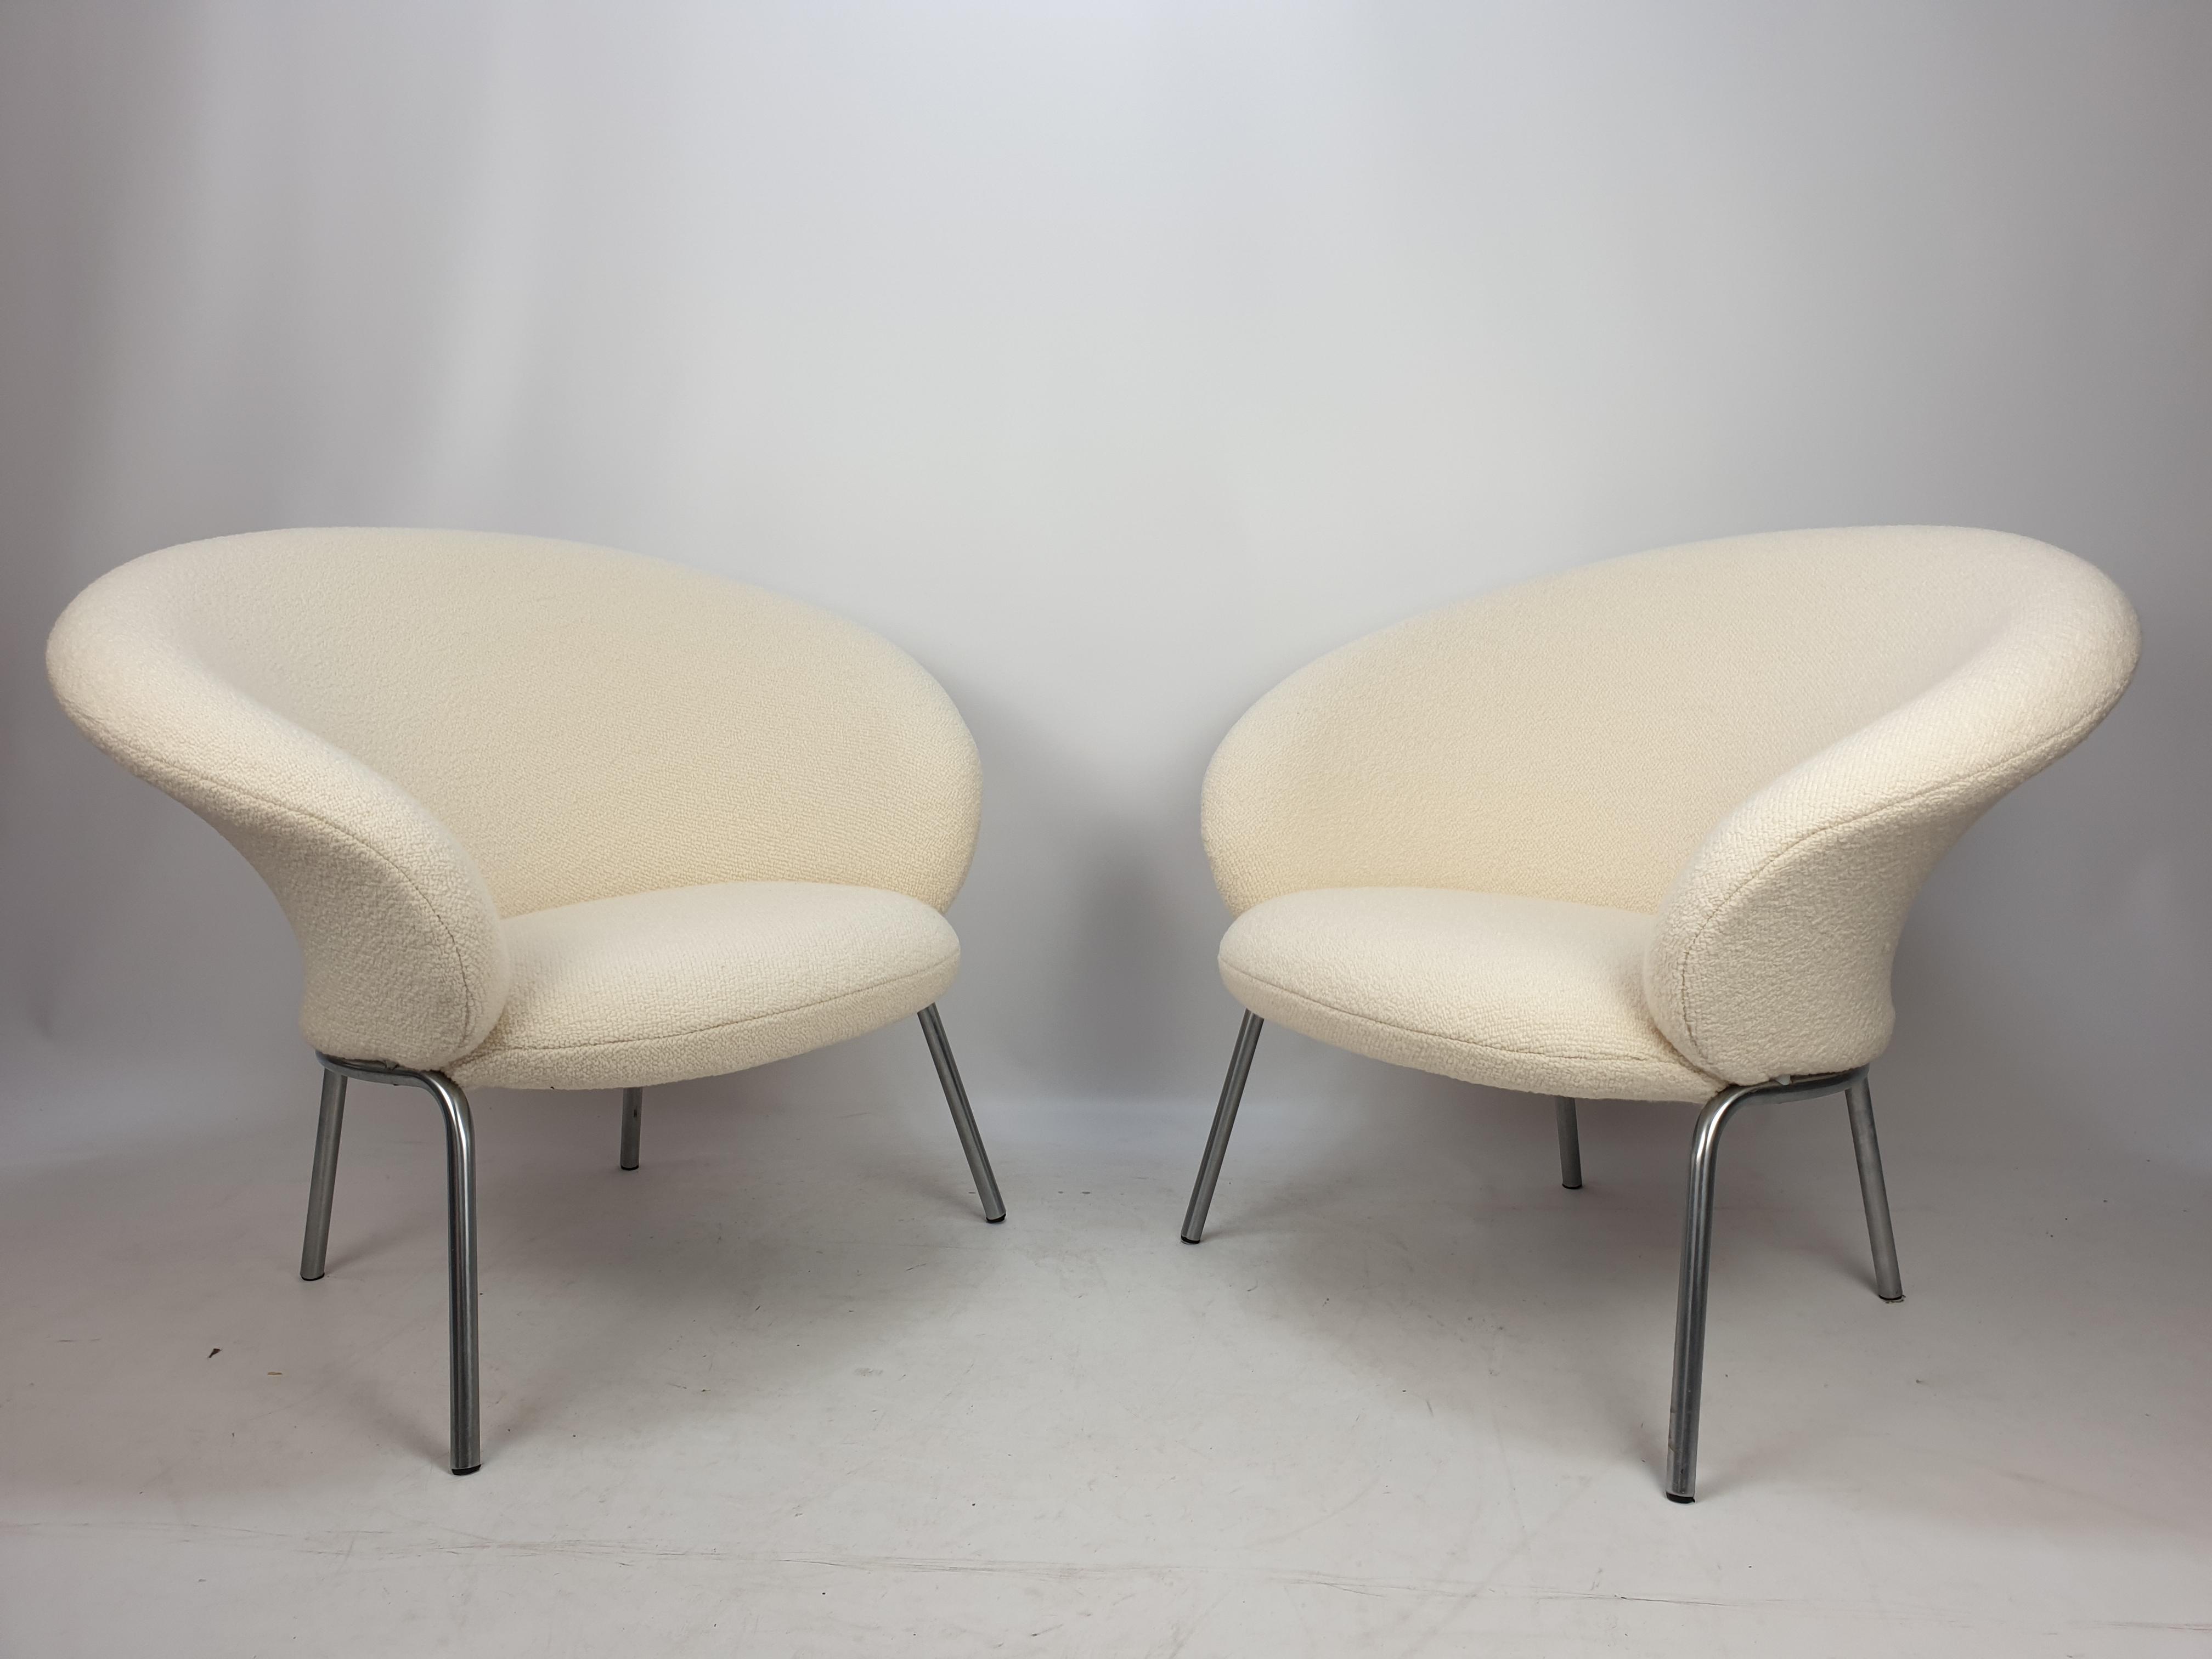 Artifort F570 Chairs by Pierre Paulin